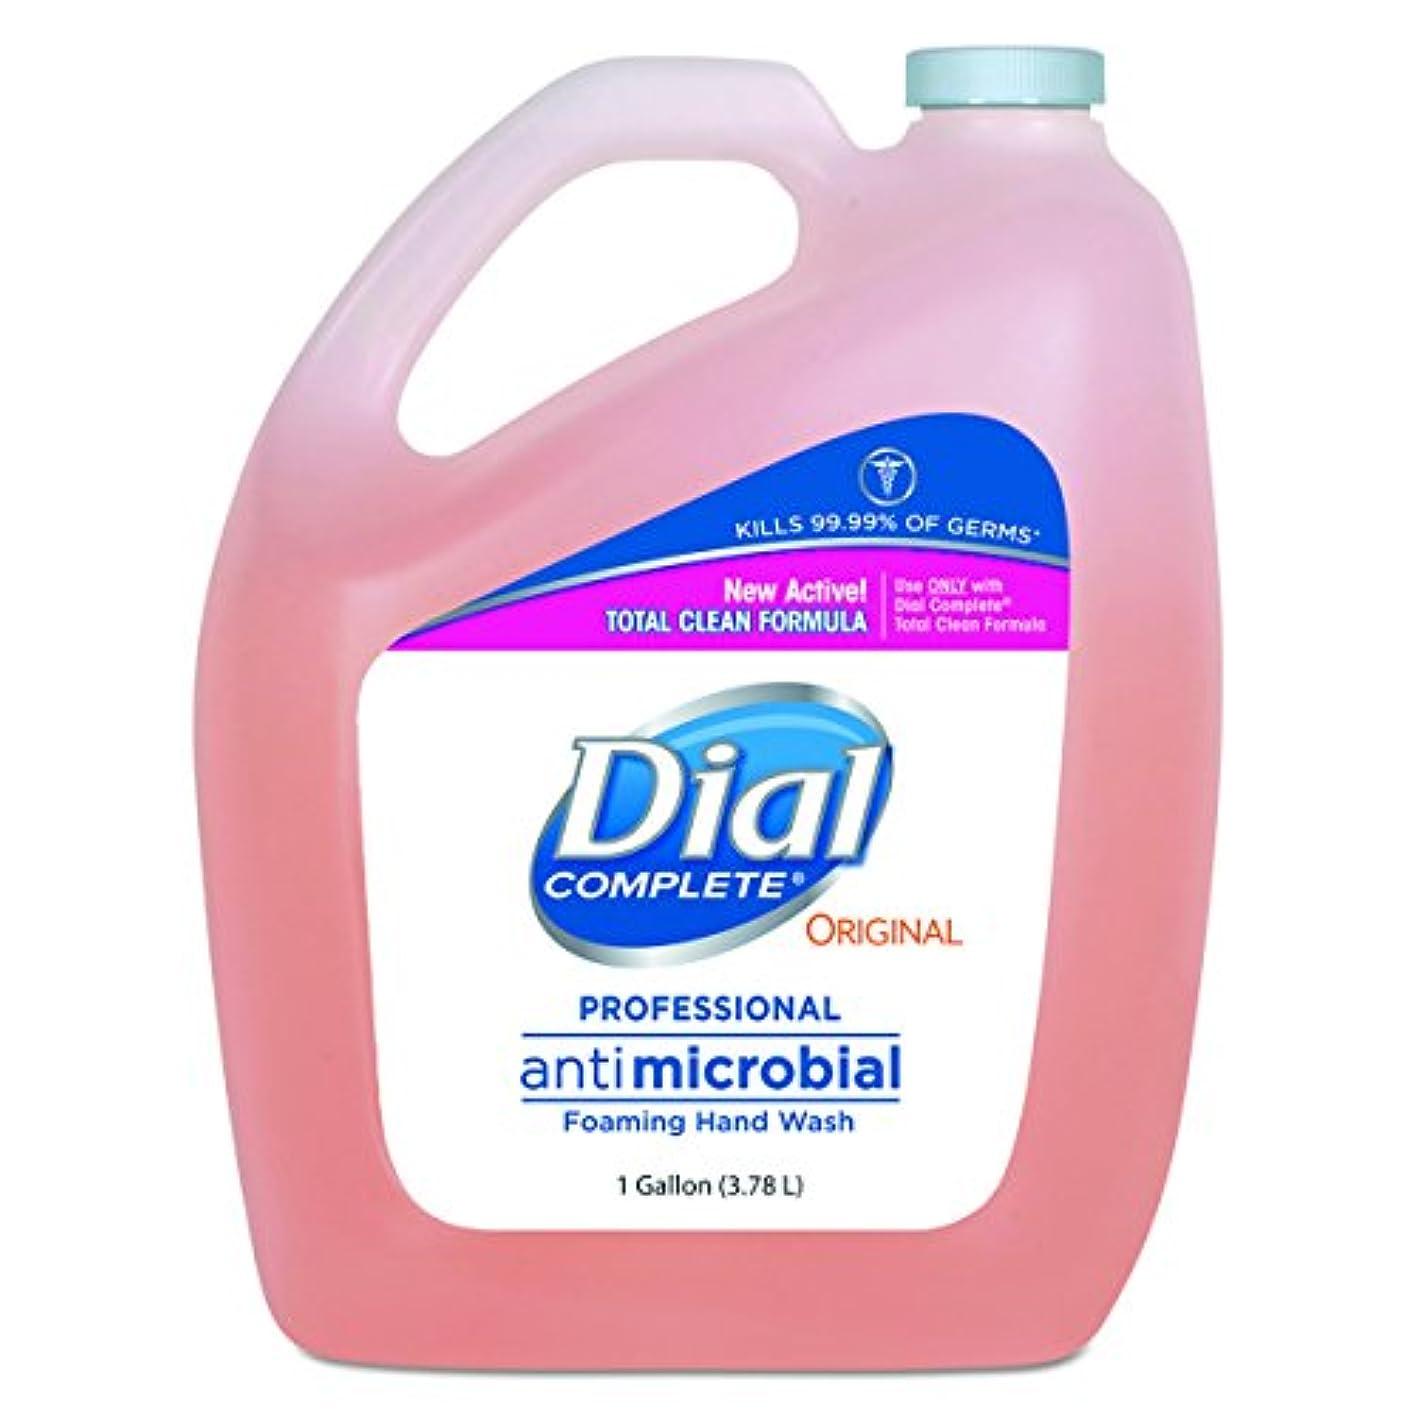 いつ隙間イタリックダイヤルProfessional抗菌Foaming Hand Soap、元香り, 1 gal。、4 /カートン